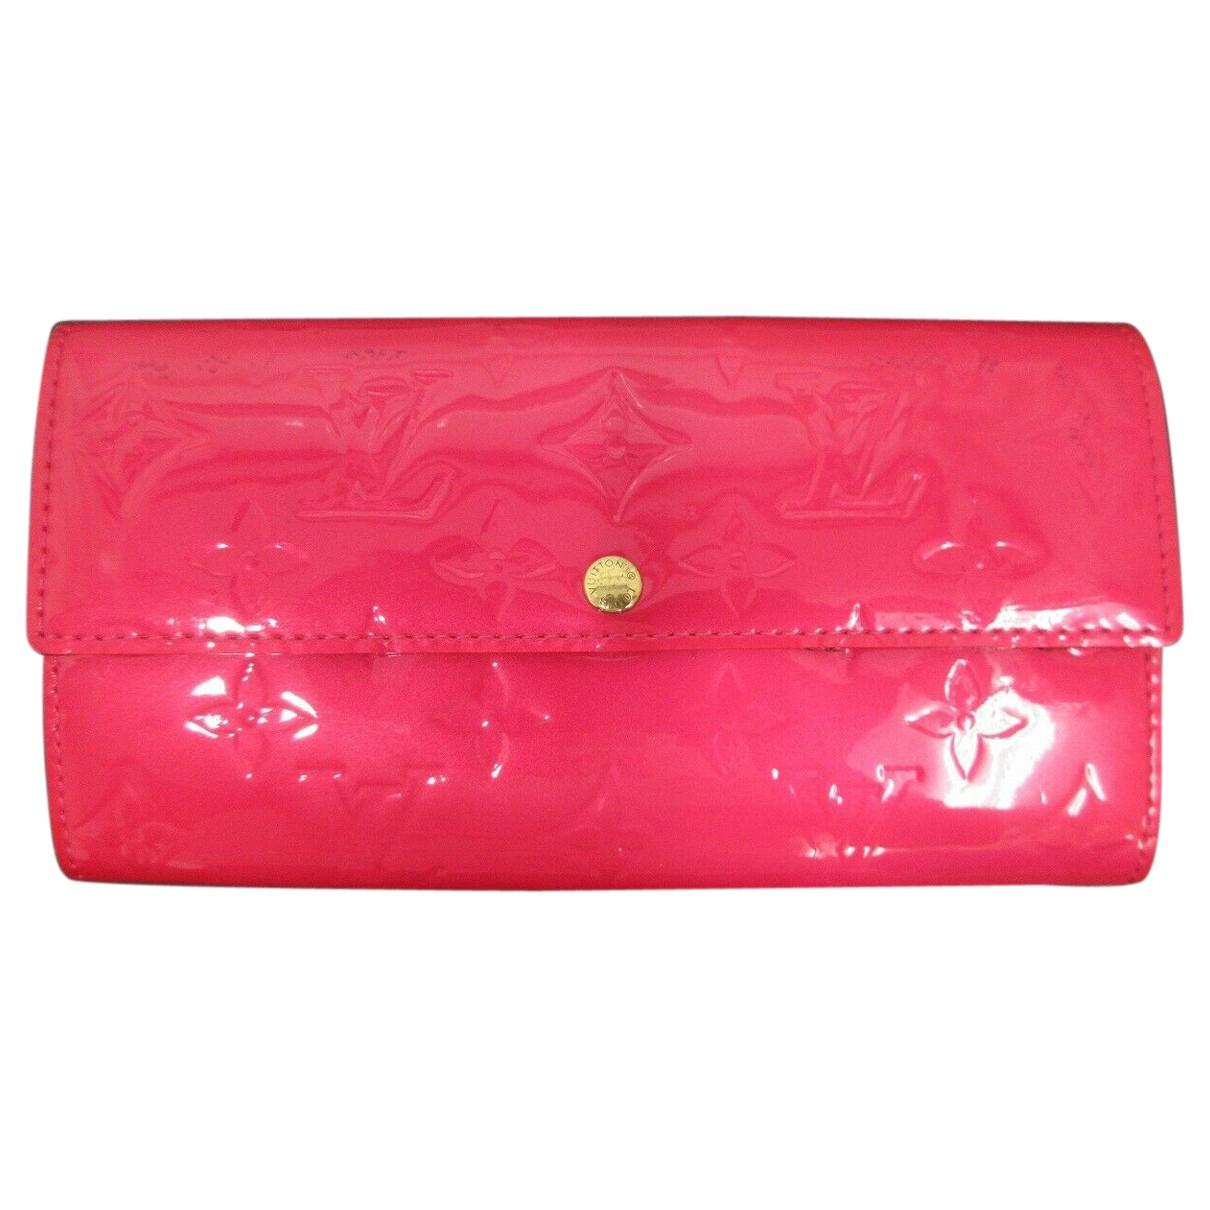 Louis Vuitton Virtuose Portemonnaie in  Rosa Lackleder